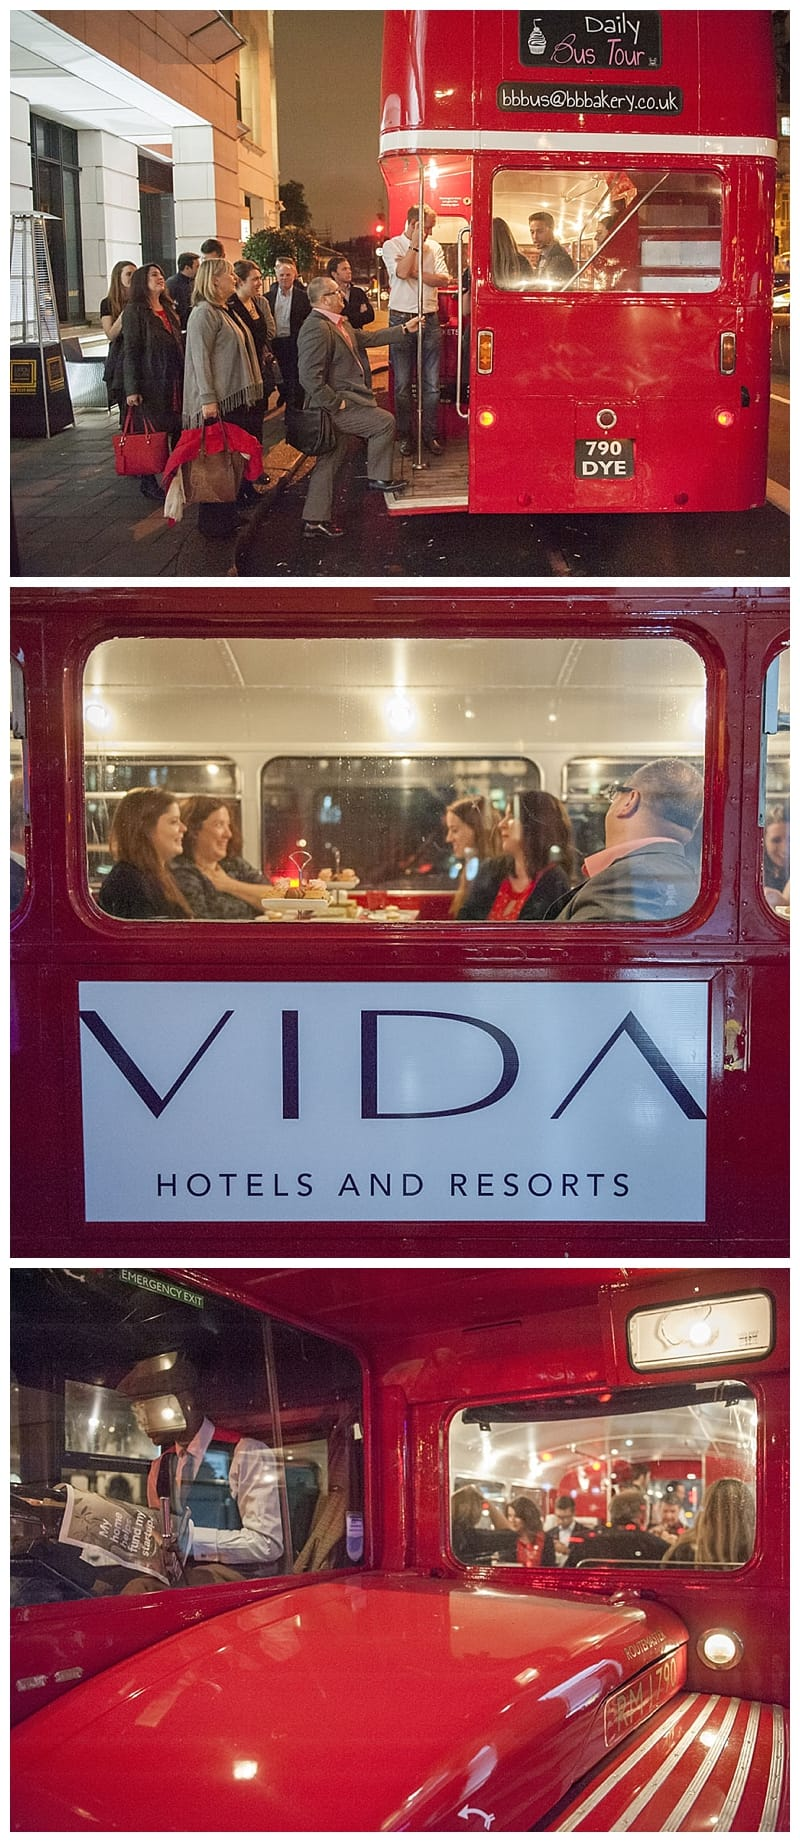 vida-hotels-afternoon-tea-bus-tour-benjamin-wetherall-photography-0006